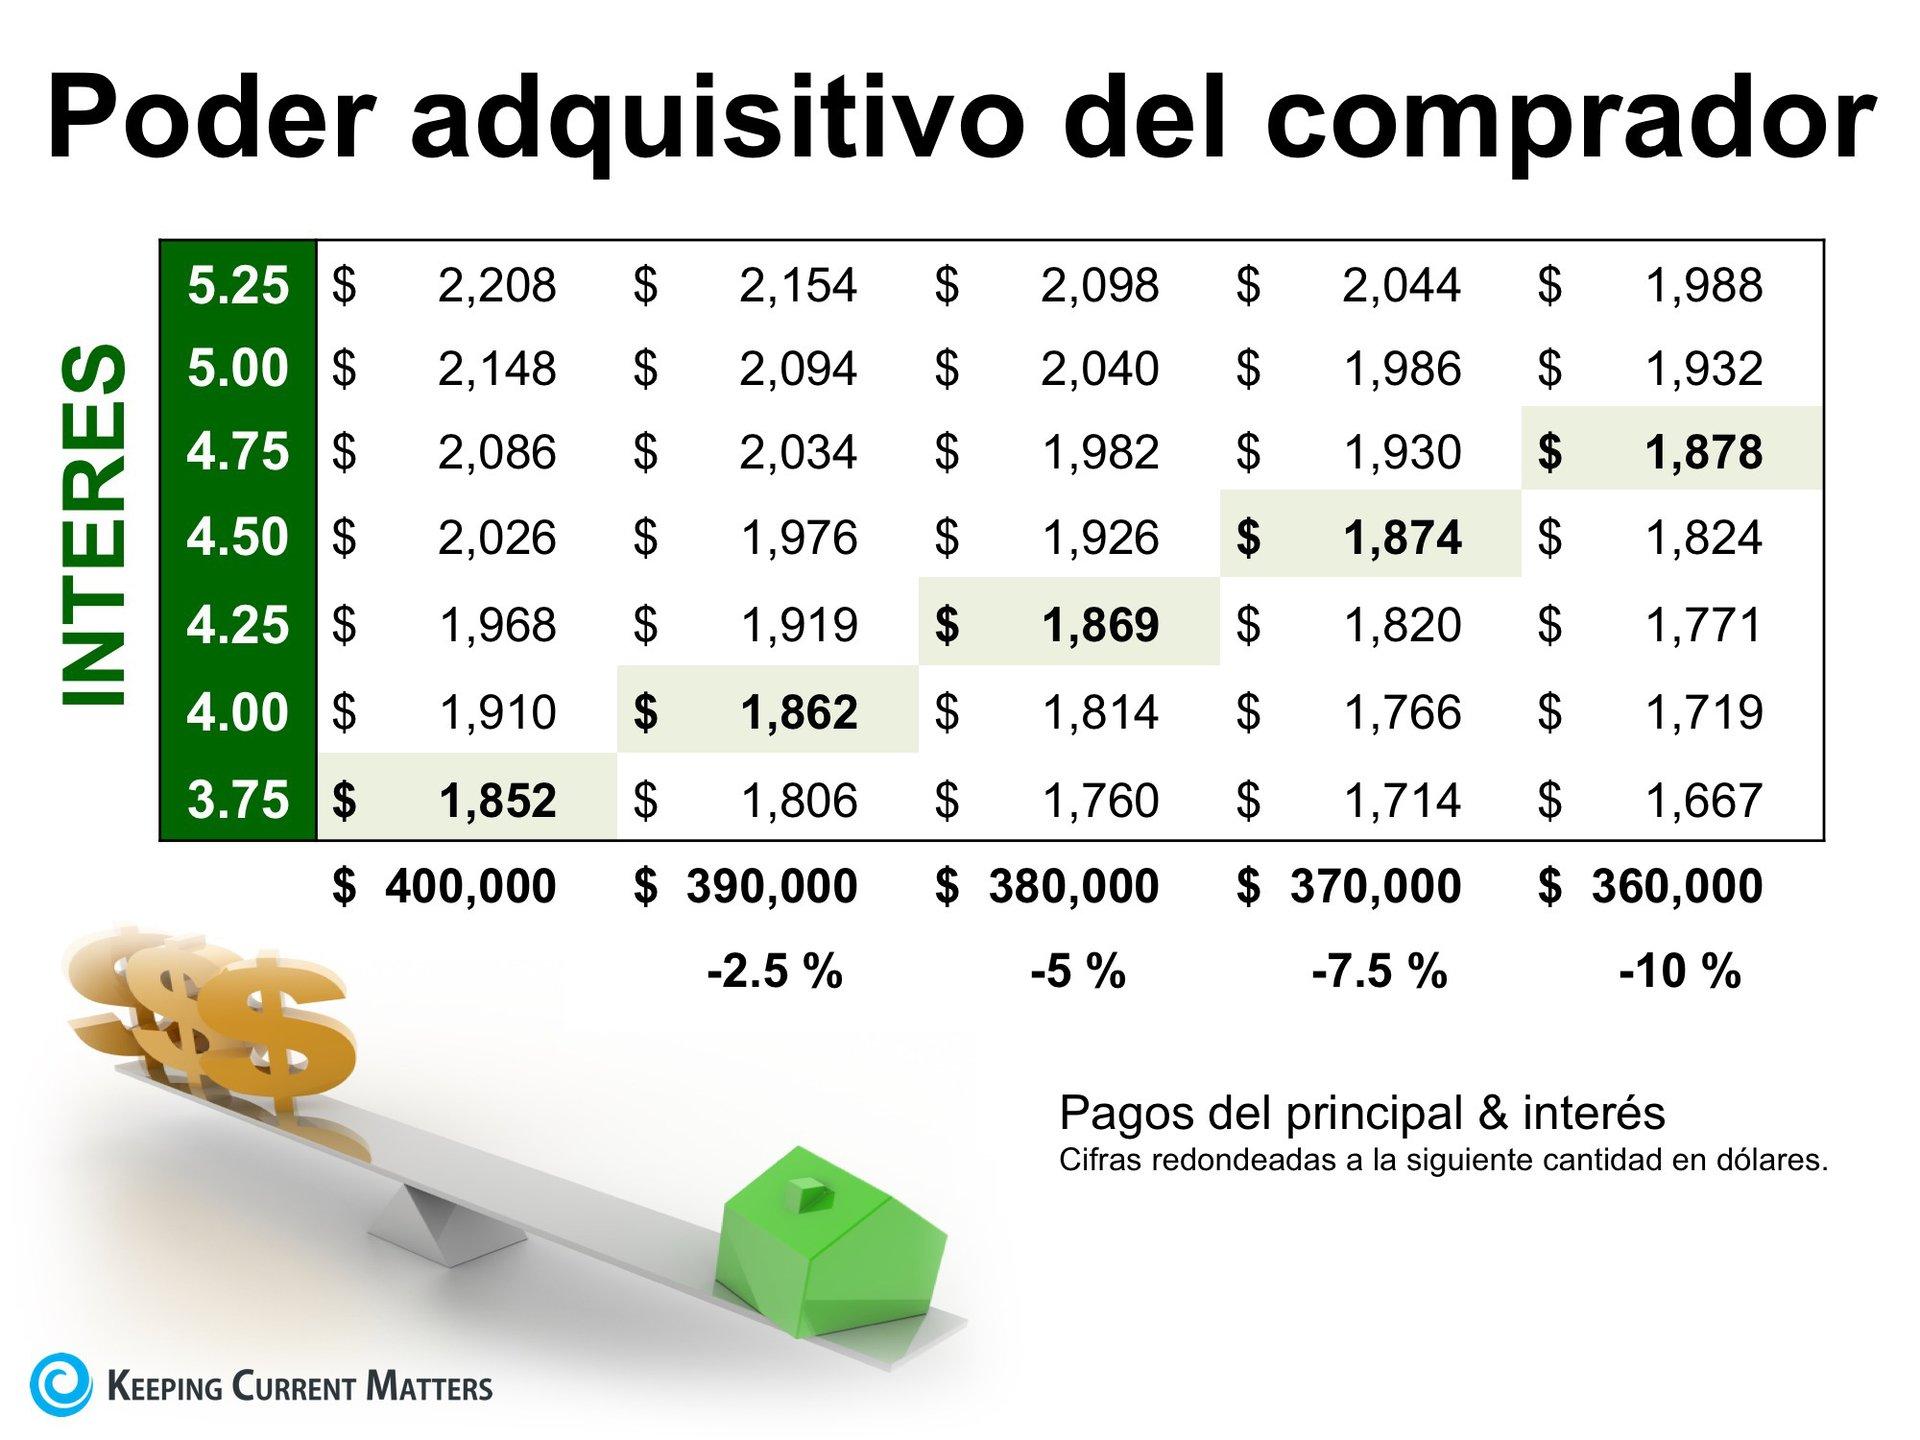 Las tasas de interes bajas tienen un gran impacto en su poder adquisitivo | Keeping Current Matters